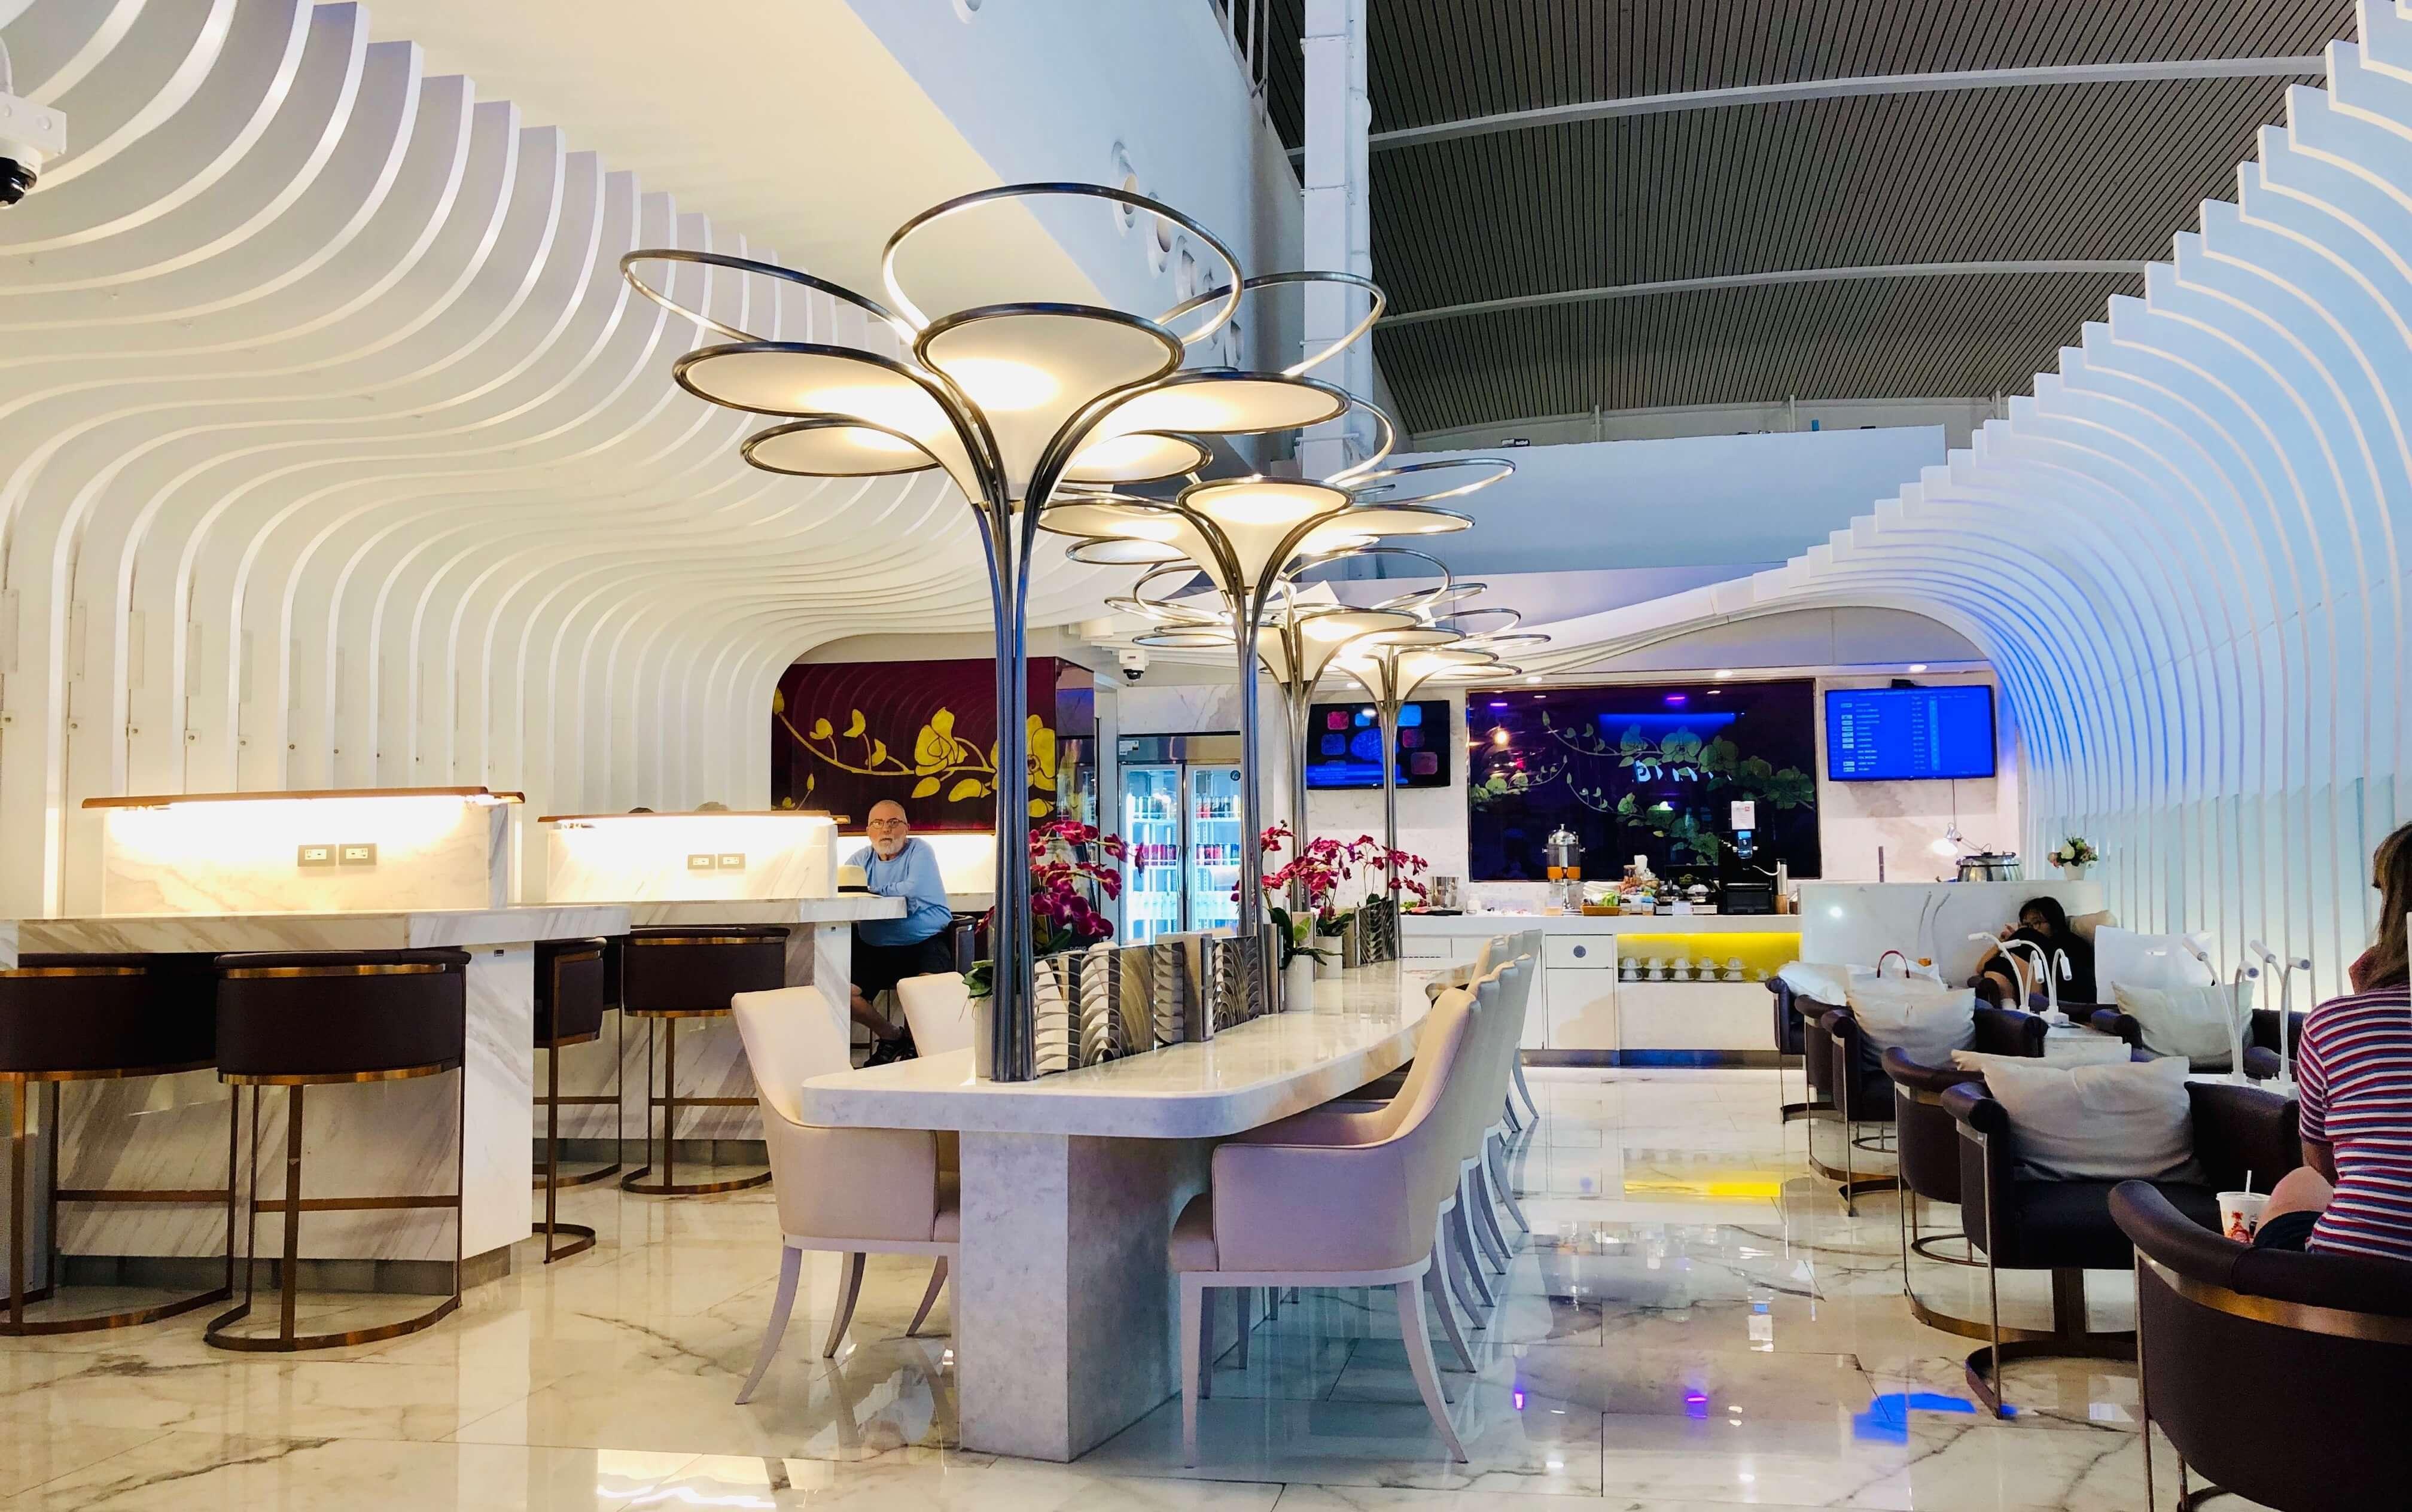 Thai Airways Royal Orchid Lounge Phuket Airport Sitzmöglichkeiten